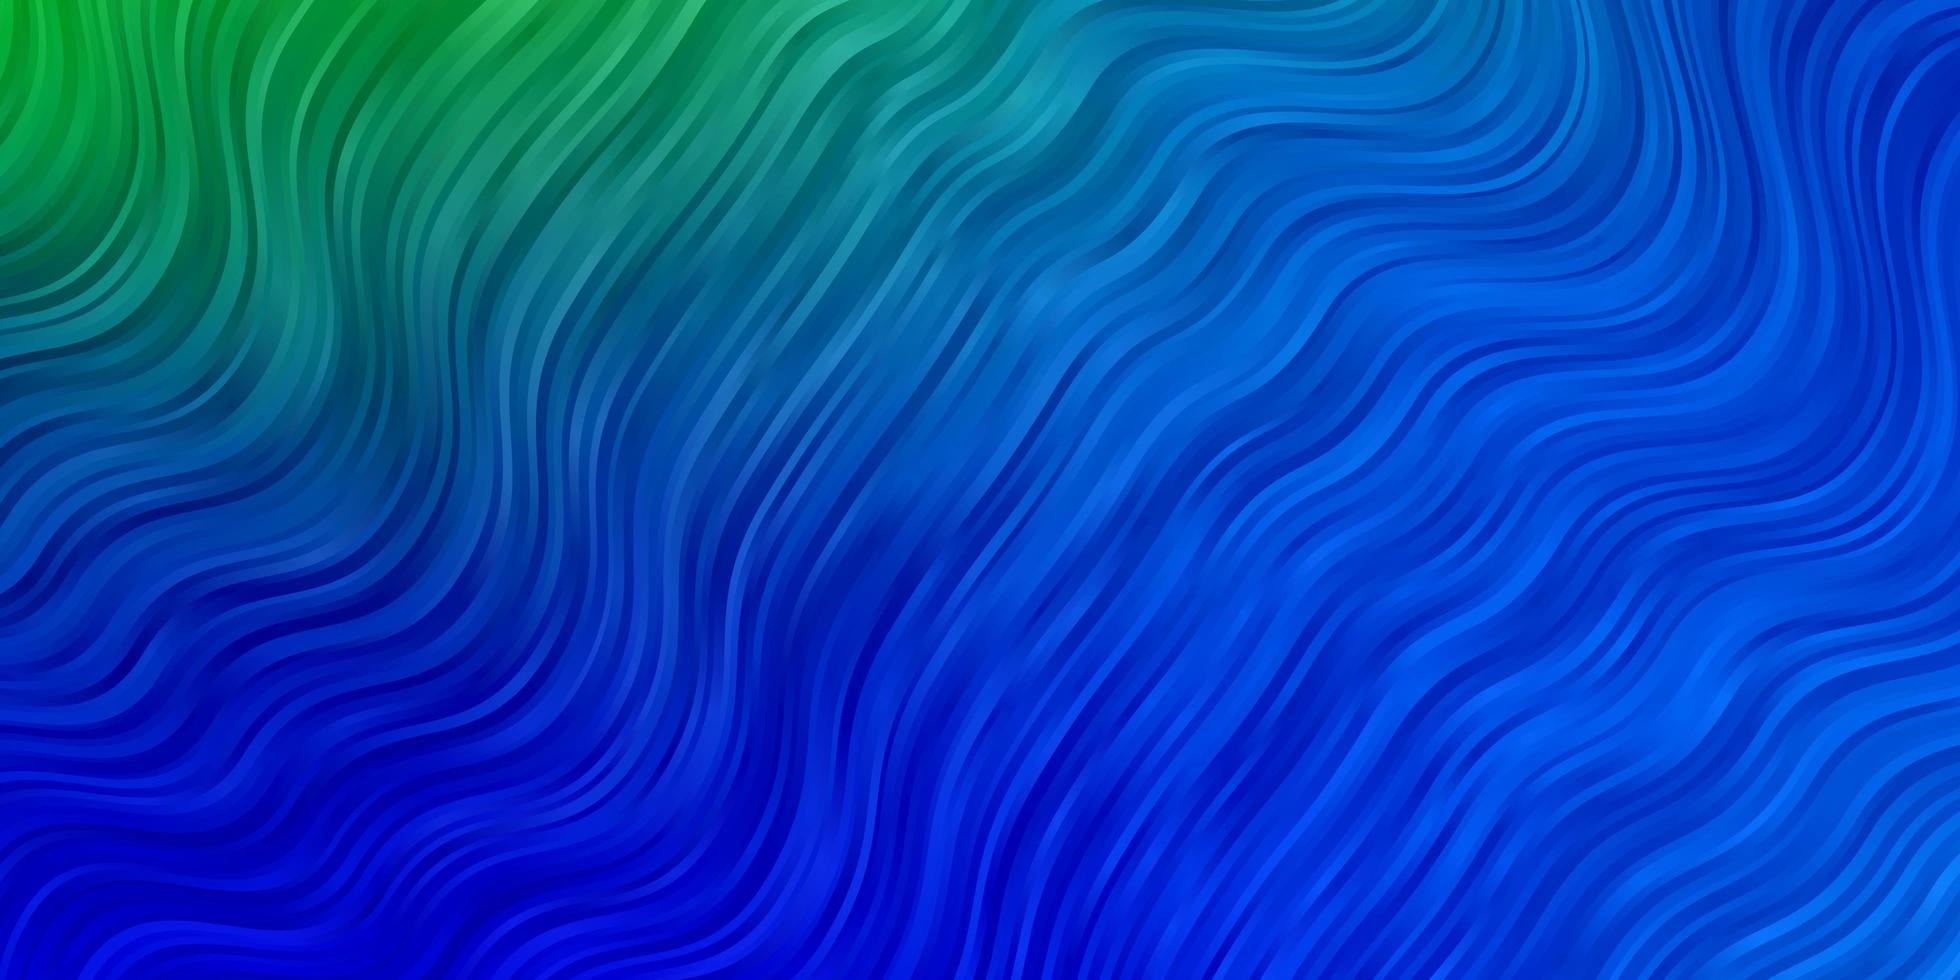 fond de vecteur bleu clair, vert avec des lignes ironiques.